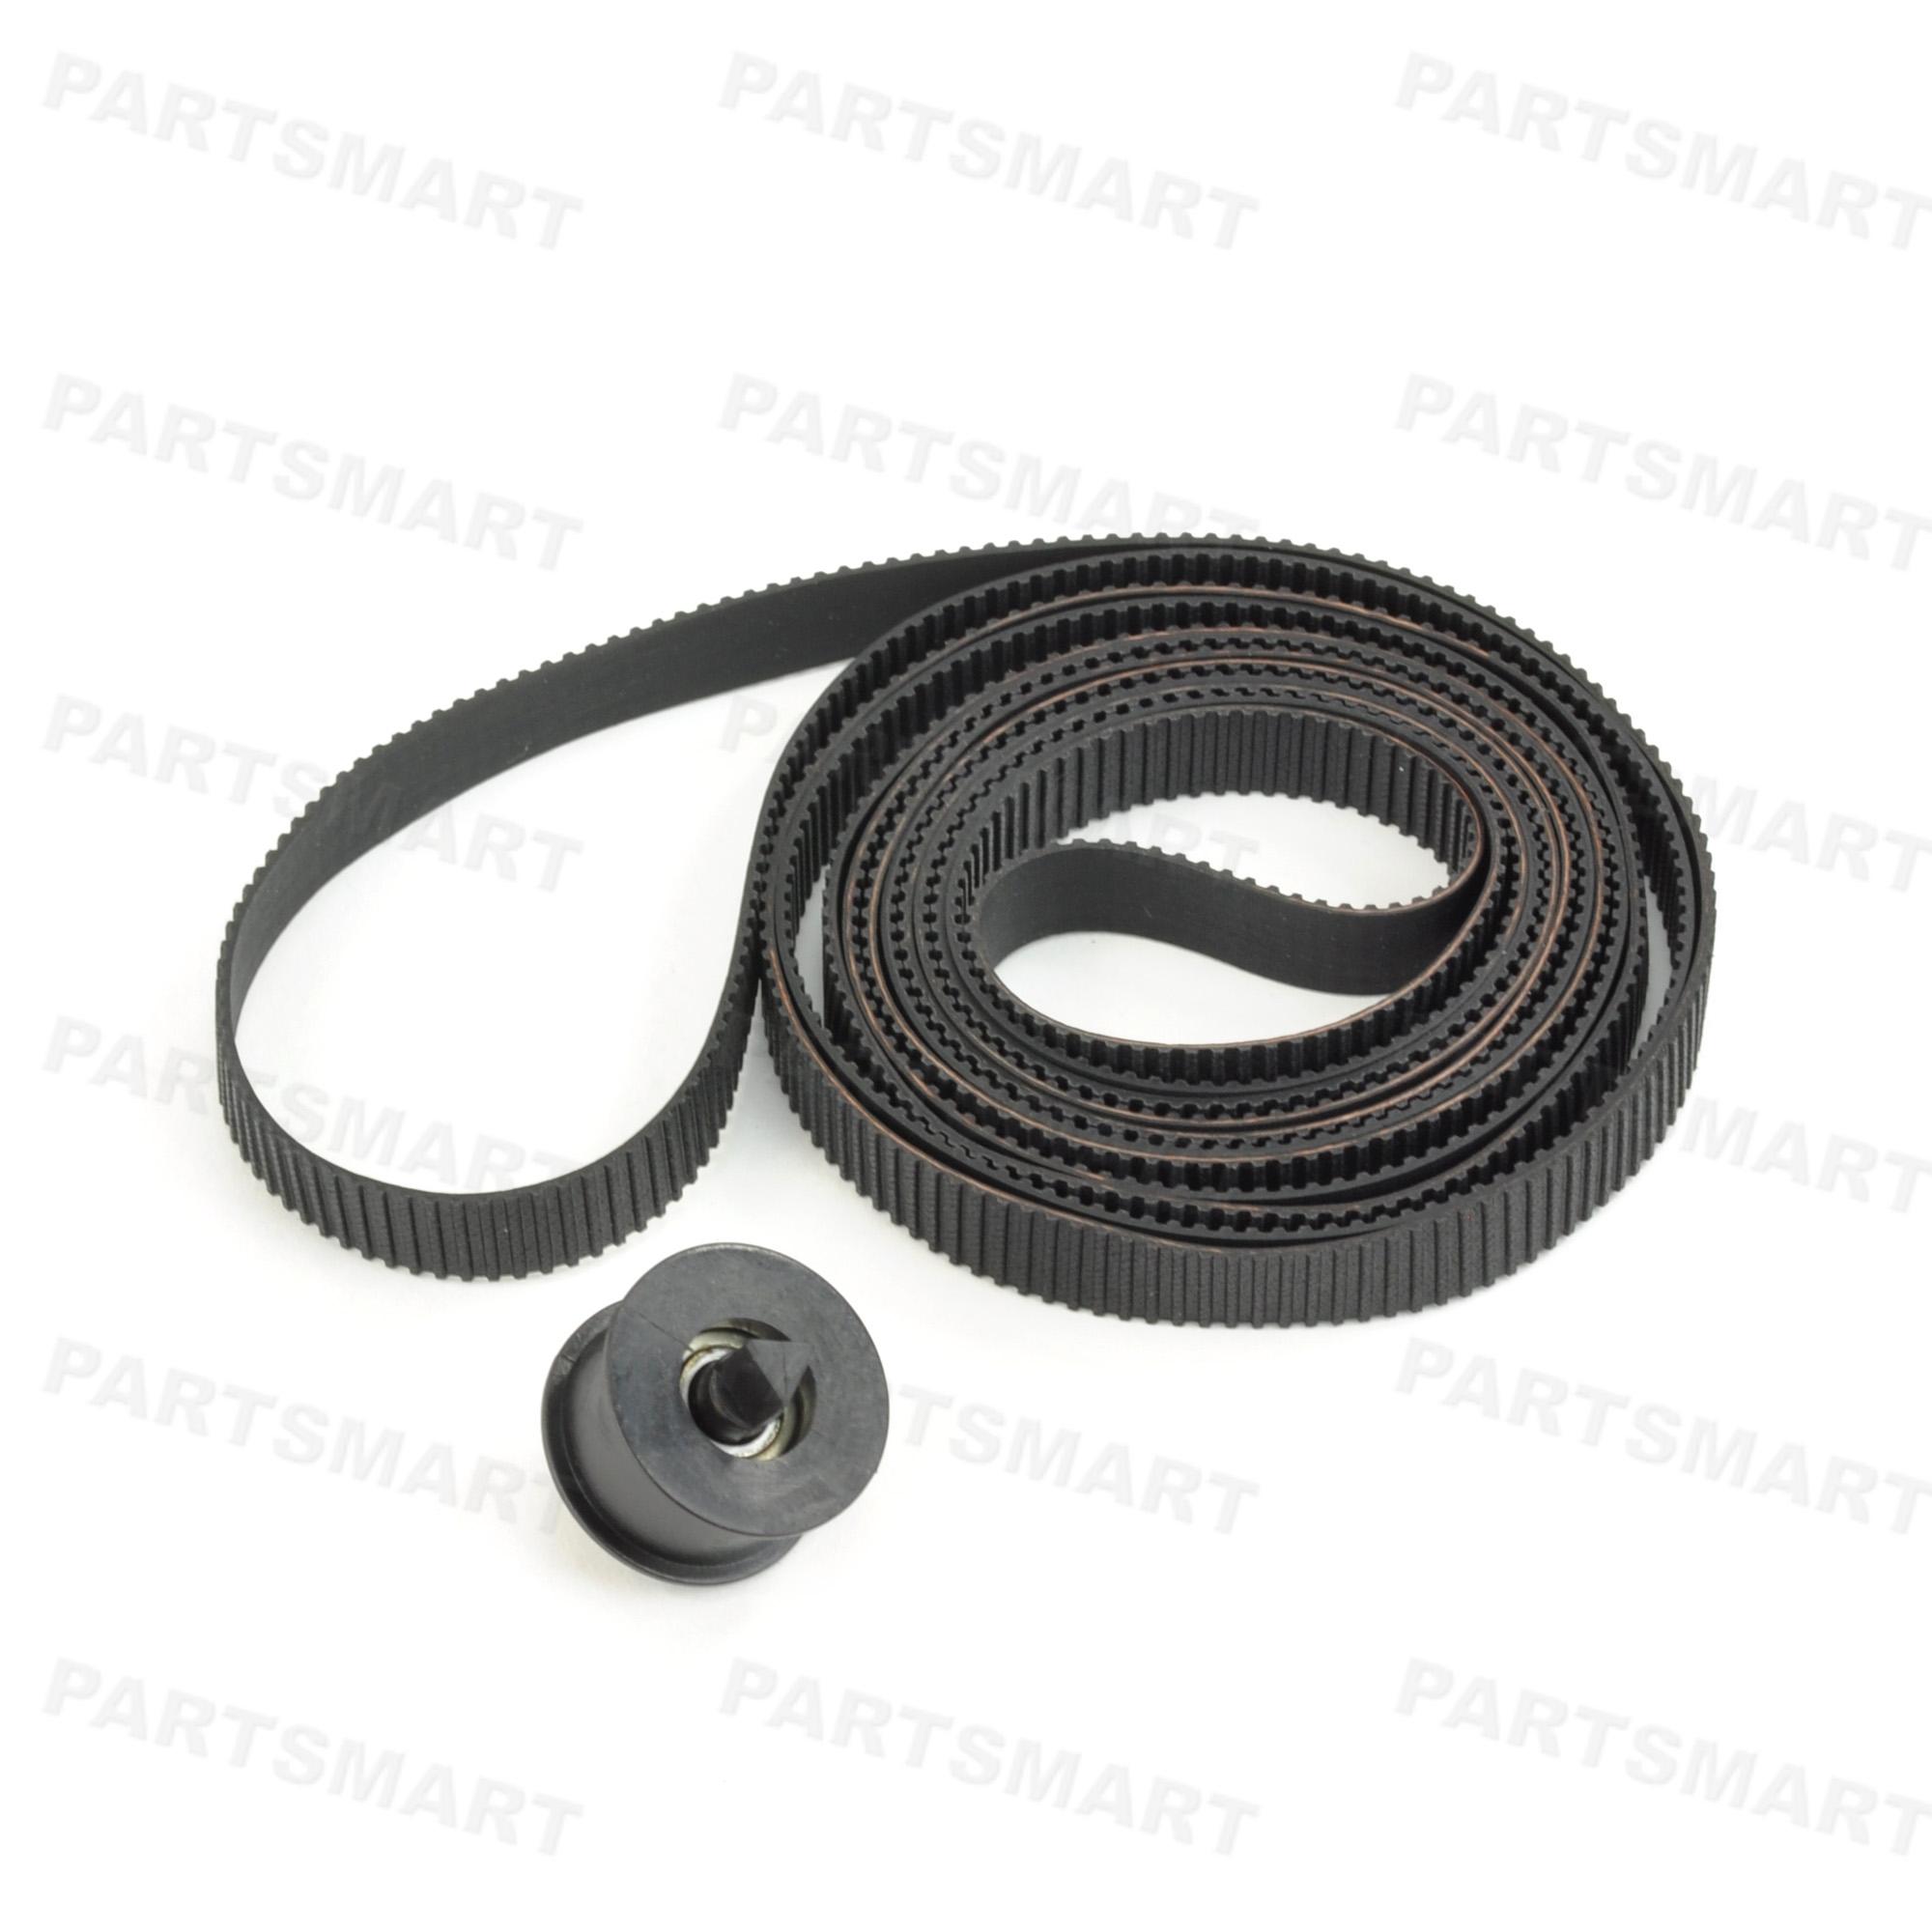 Plotter Parts For Hp Designjet 800 Partsmart